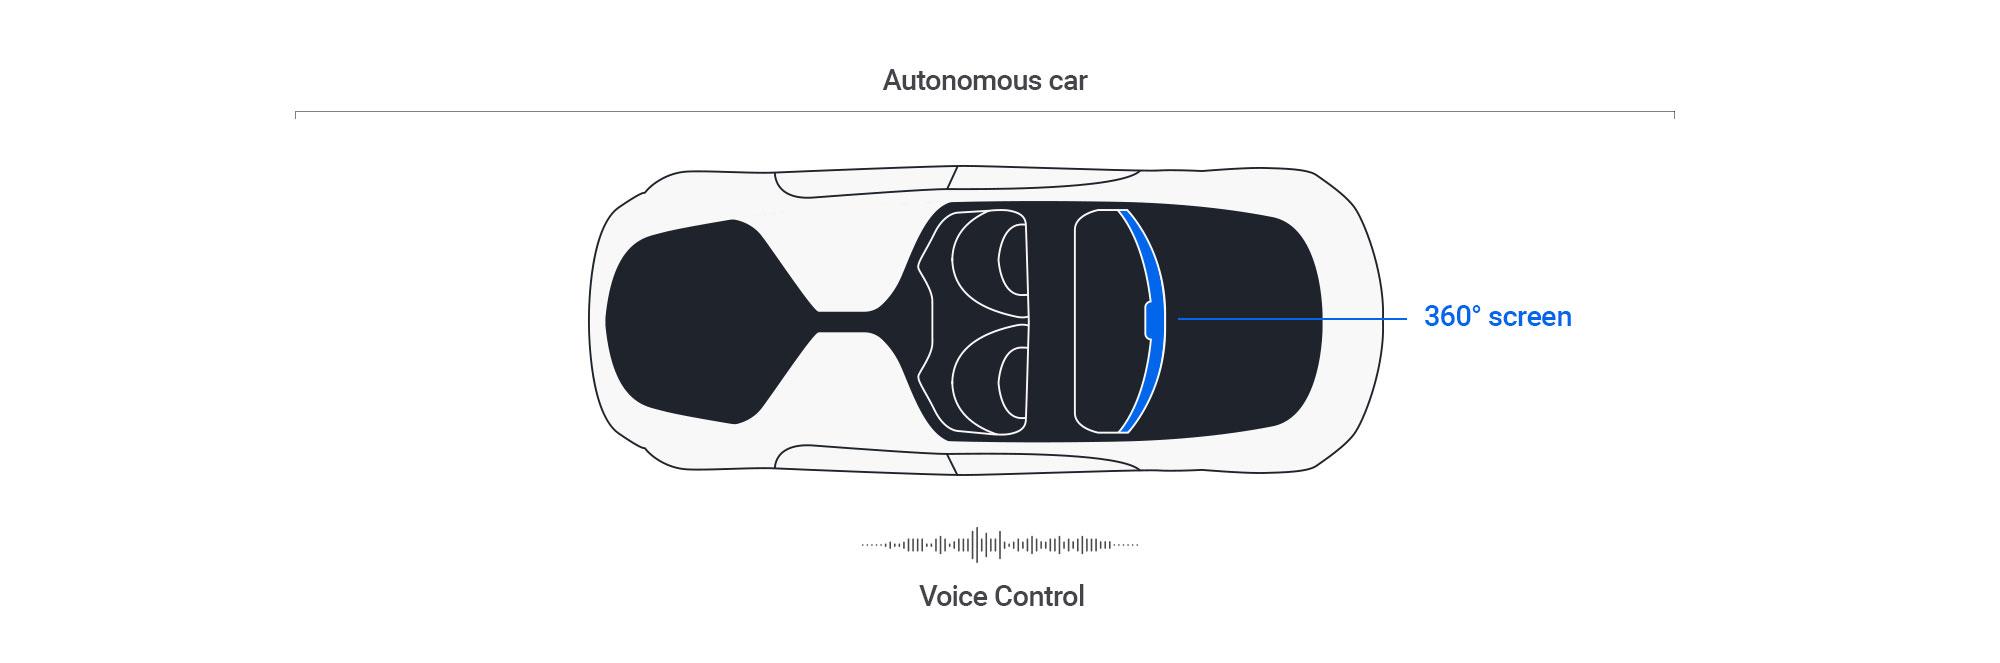 autonomous_car_2